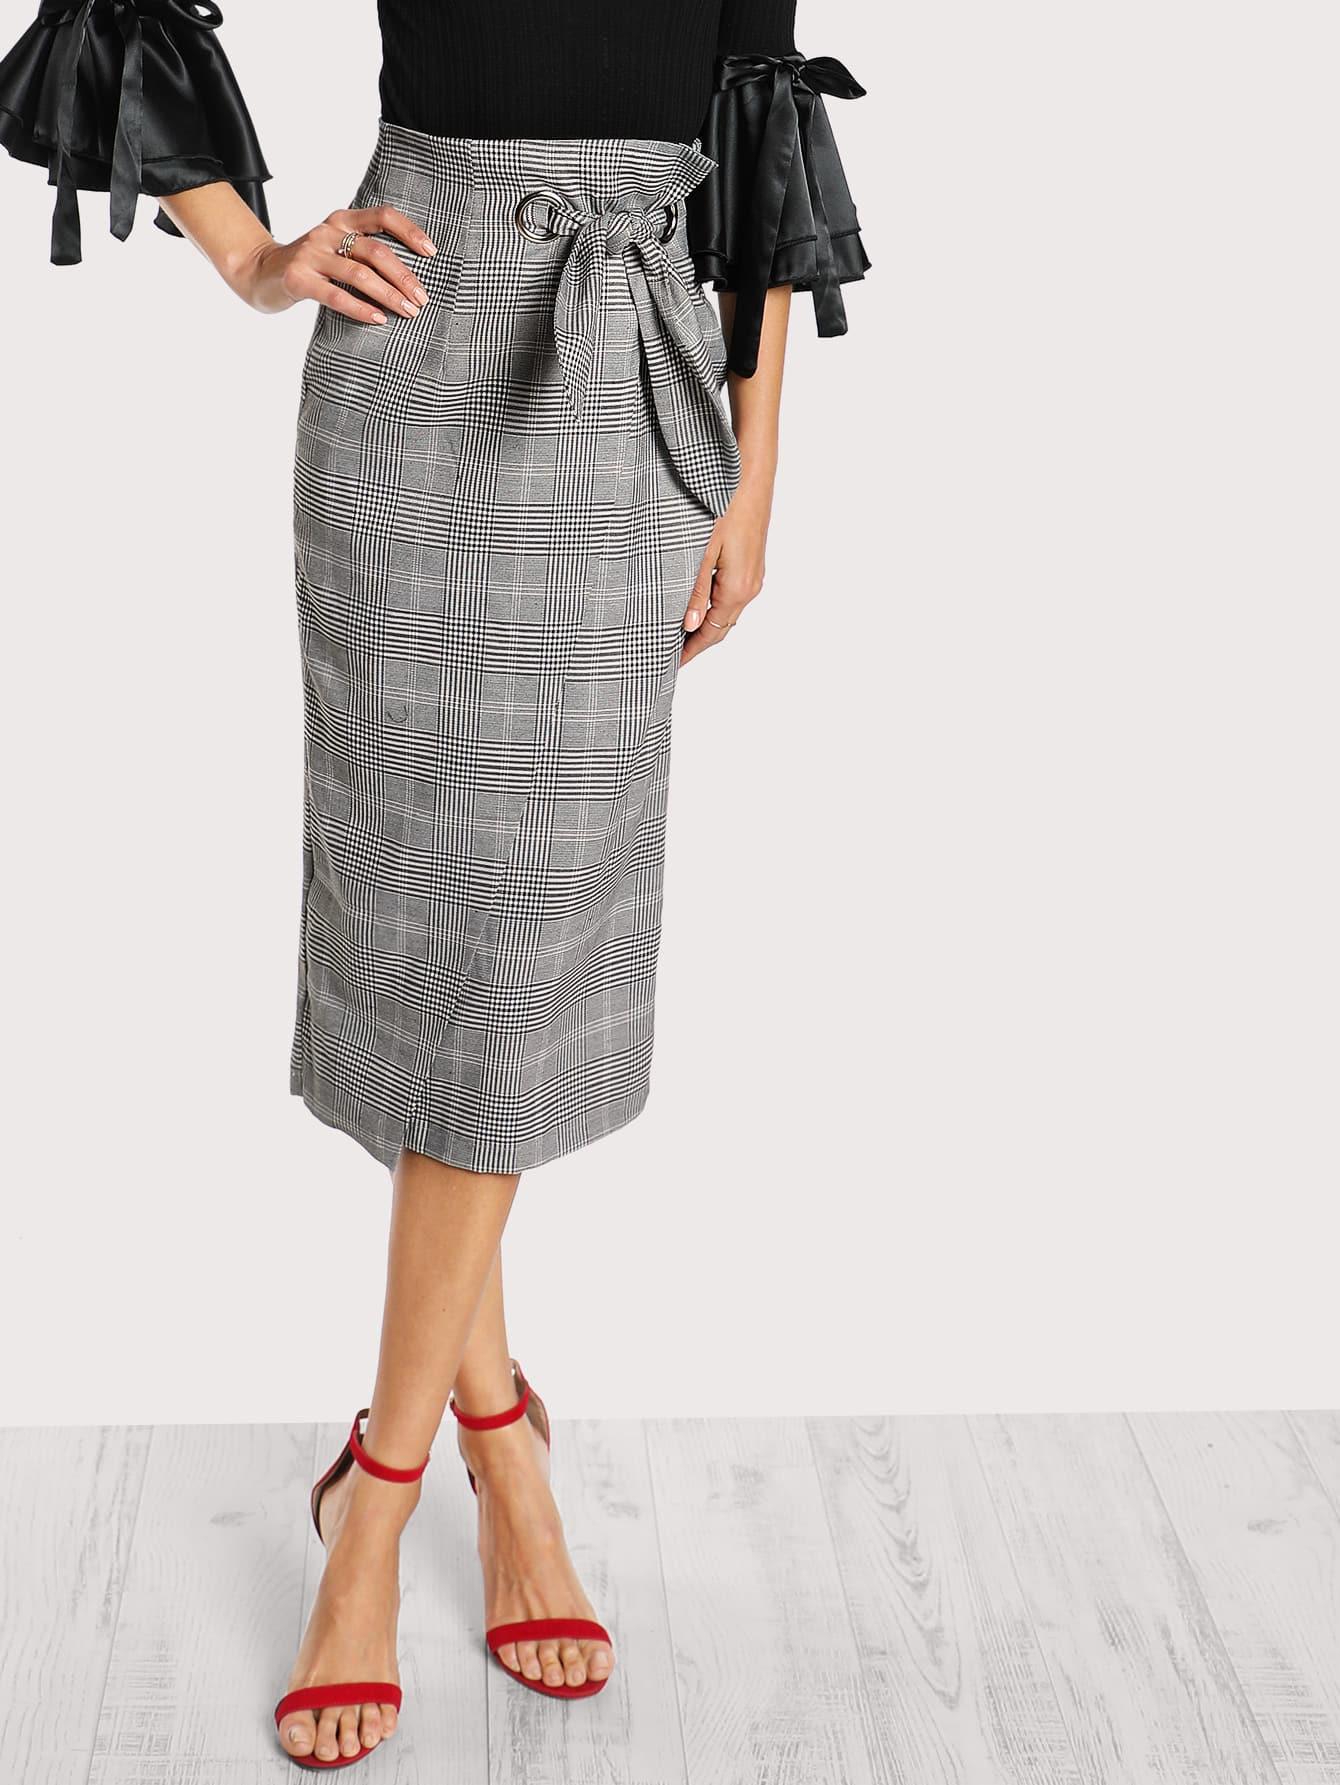 Grommet Detail Bow Tie Plaid Wrap Skirt grommet detail tie front jumpsuit